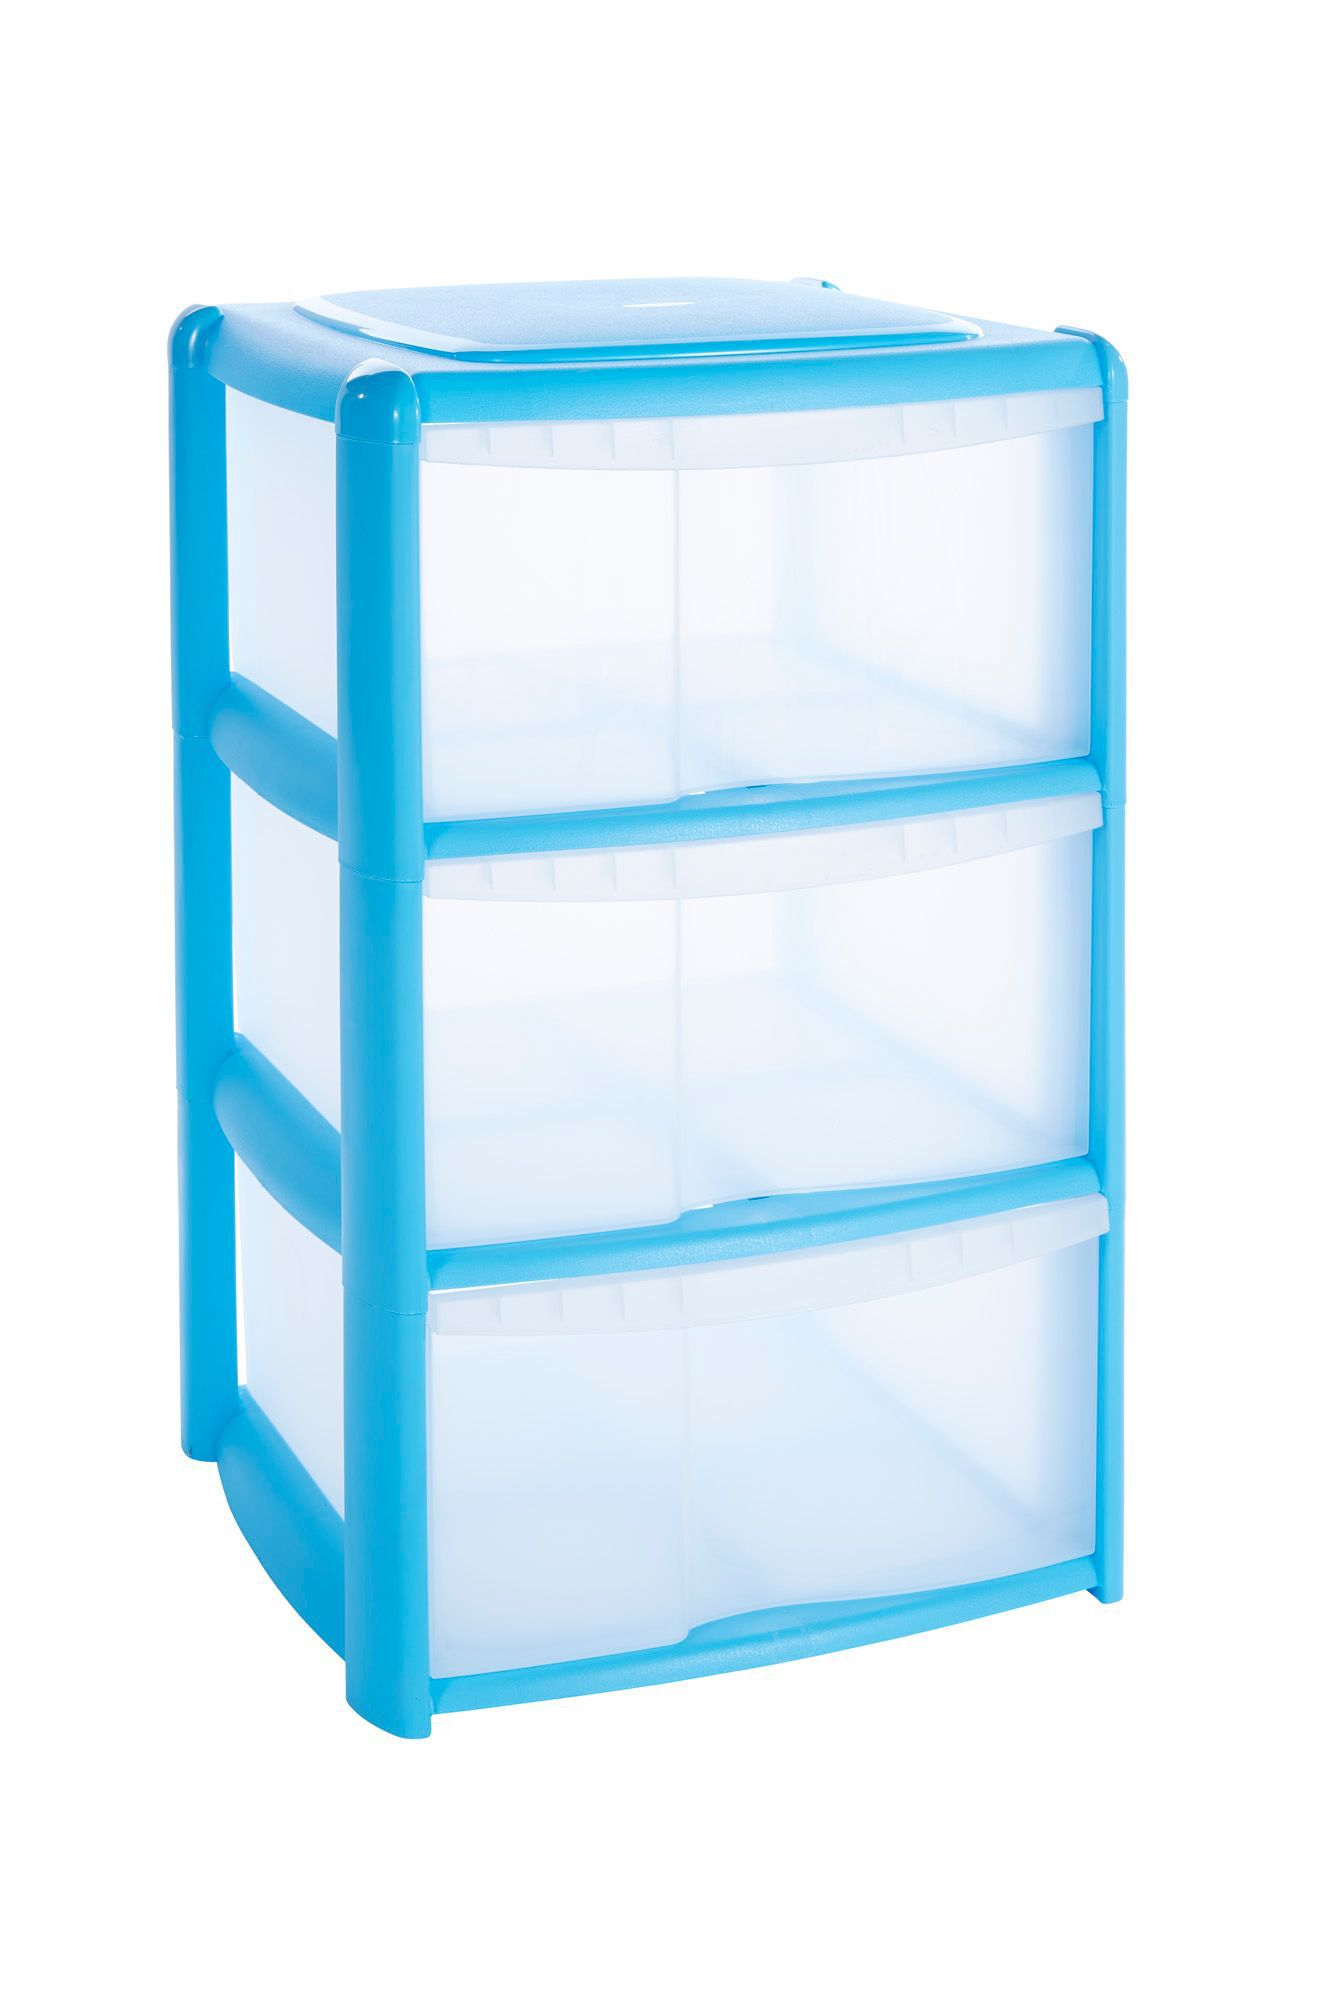 B&q Blue Plastic Drawer Tower Unit